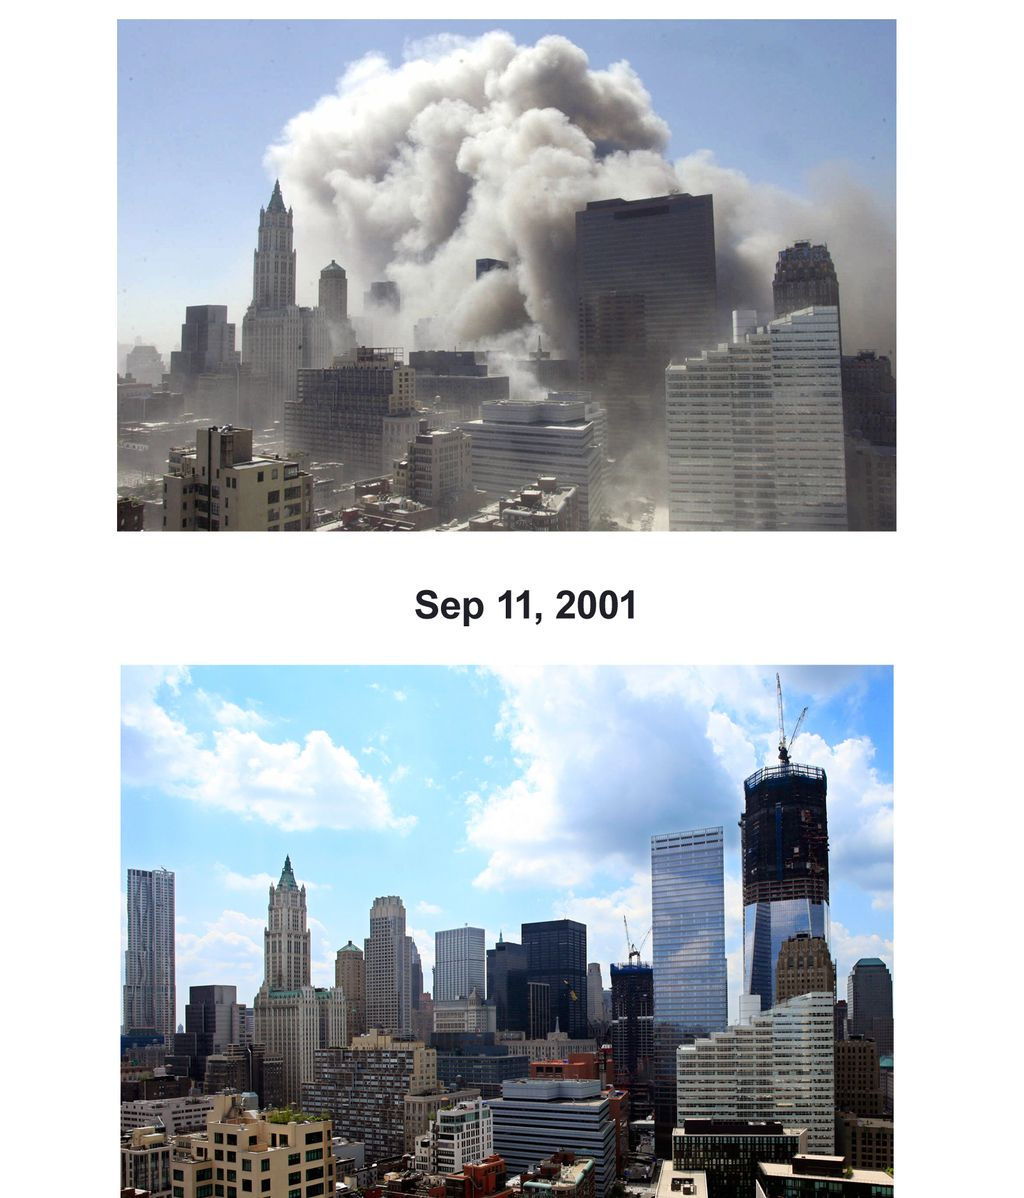 El antes y el después del 11 de septiembre de 2001